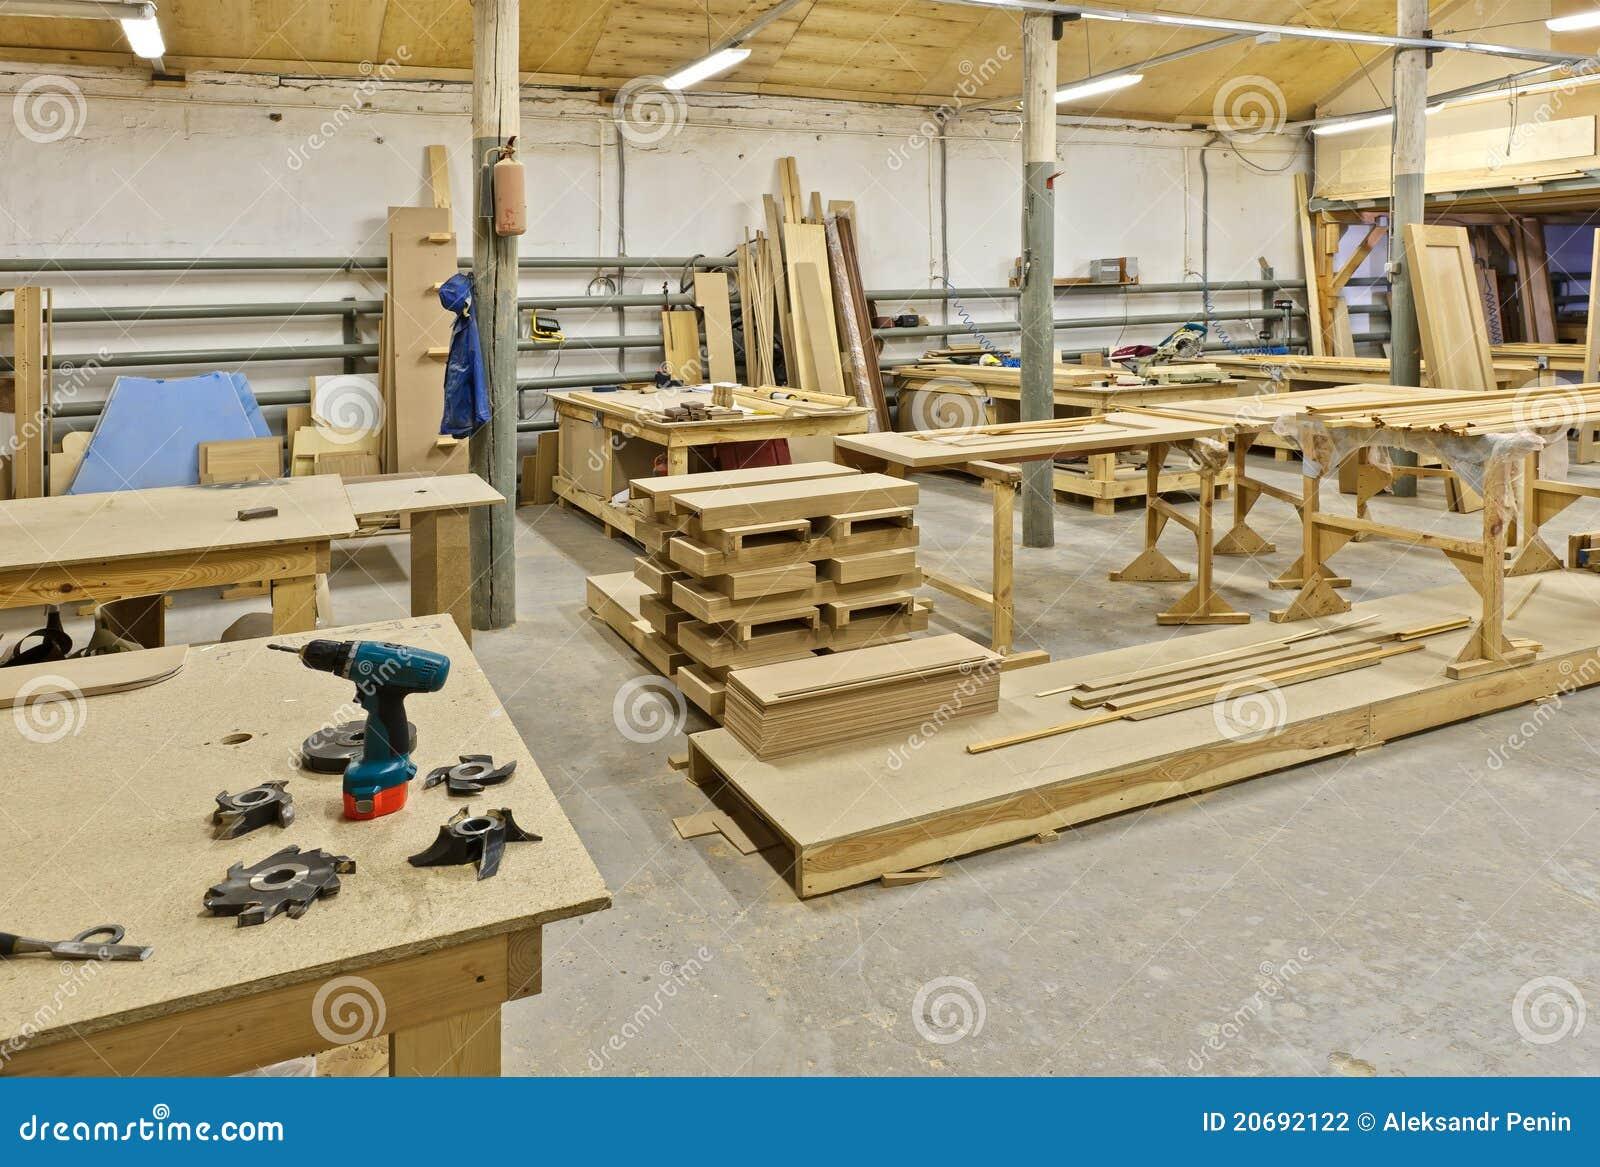 Una planta para la fabricaci n de los muebles fotograf a - Muebles para plantas ...